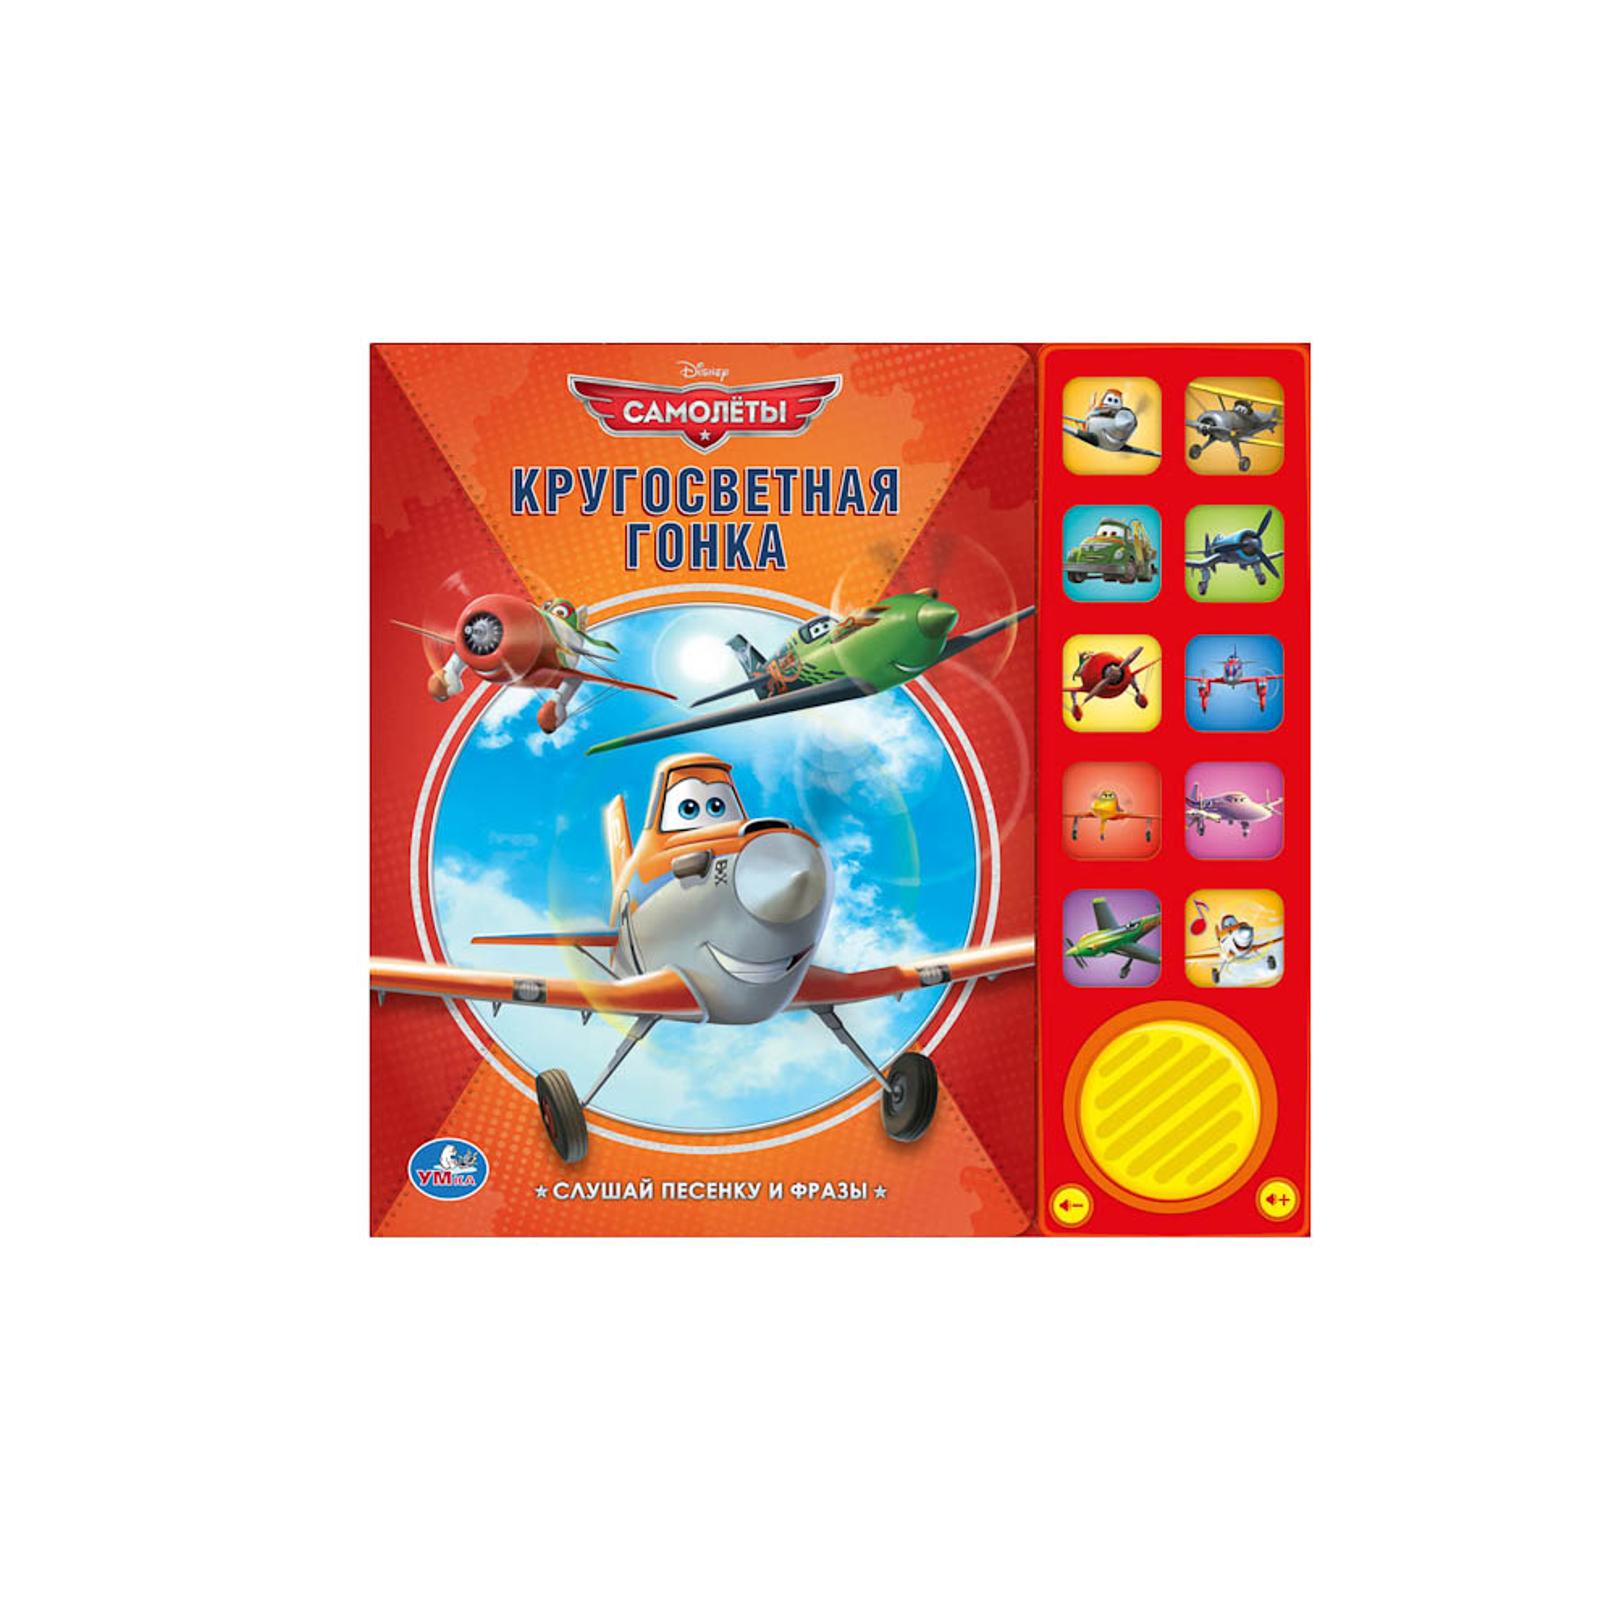 Книги по мультфильмам Самолеты Кругосветная гонка<br>